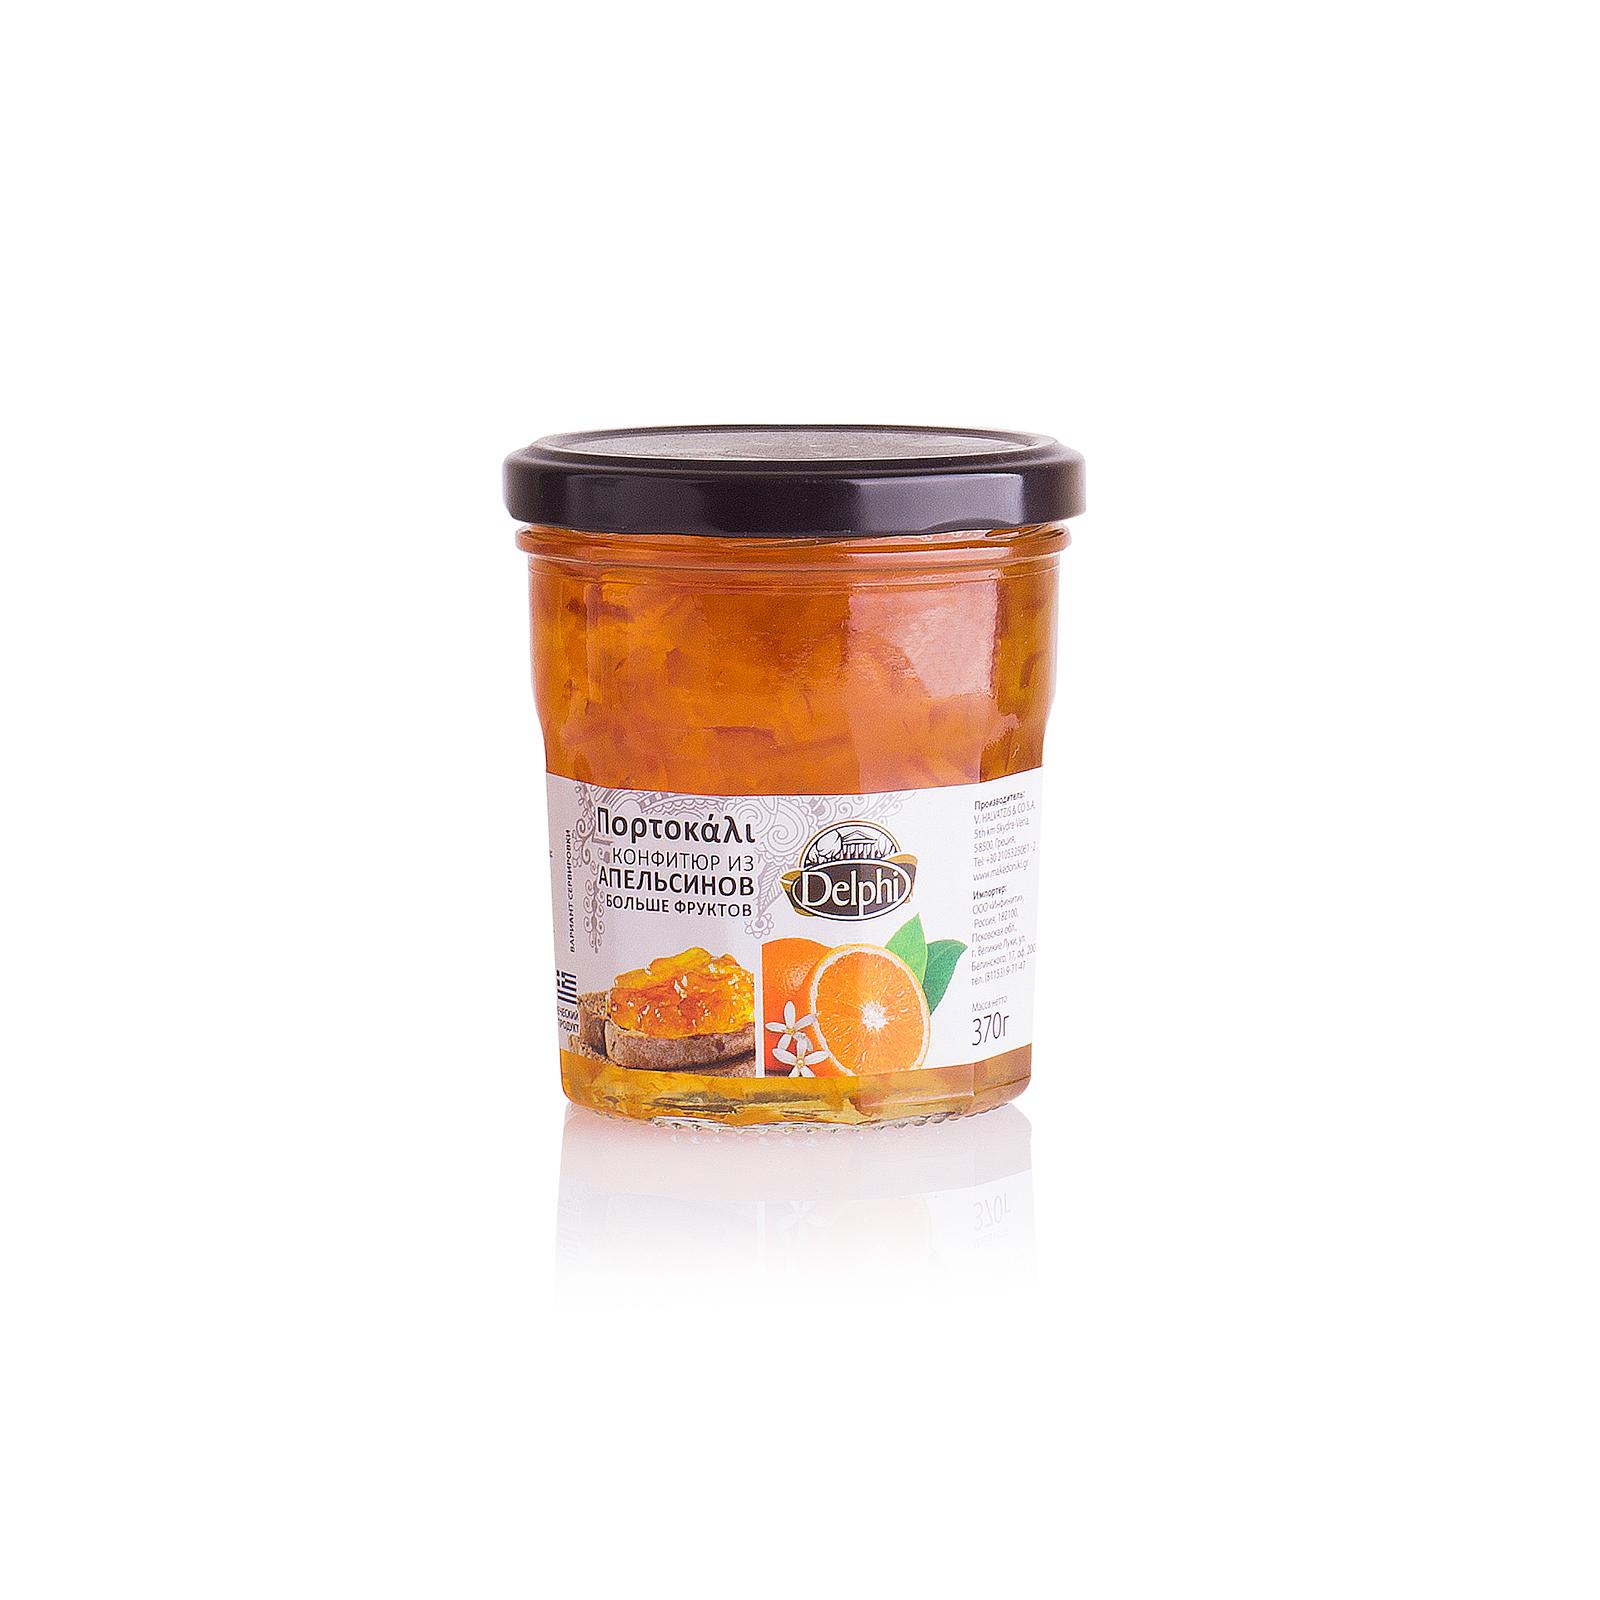 Конфитюр из апельсинов DELPHI 370г